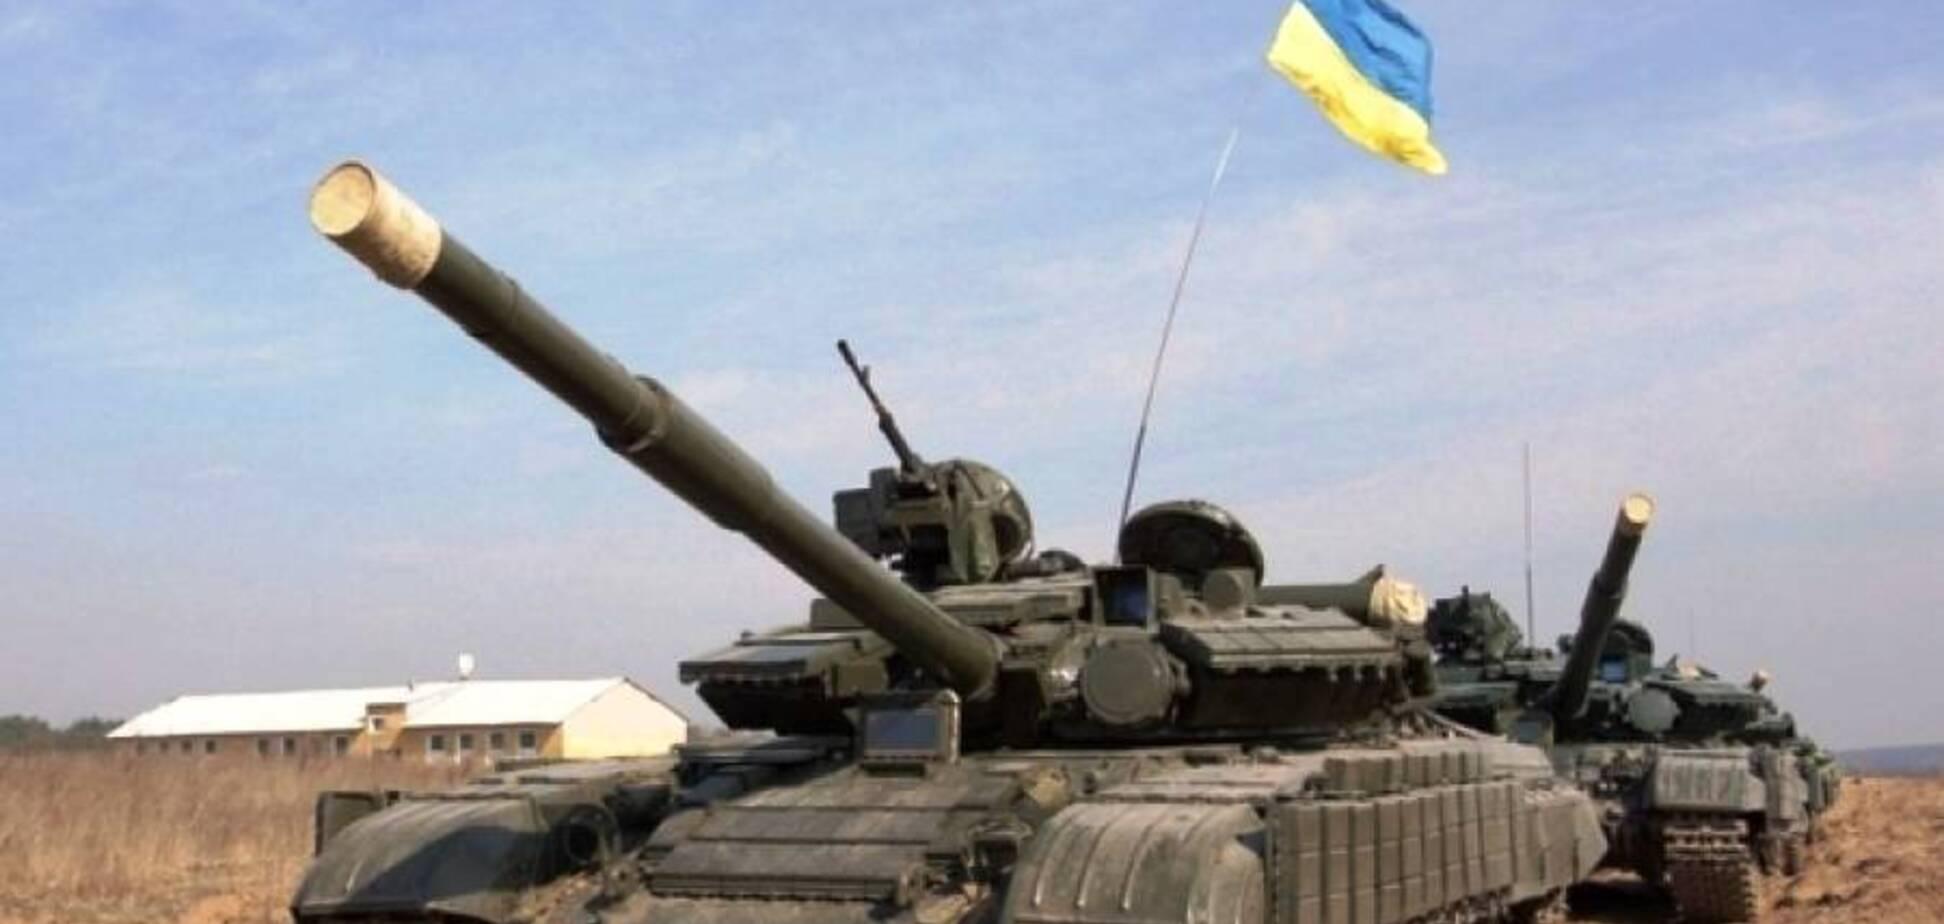 Порєбрік News: українські танки на Кубані і Курили в обмін на Крим. Підсумки 22 січня